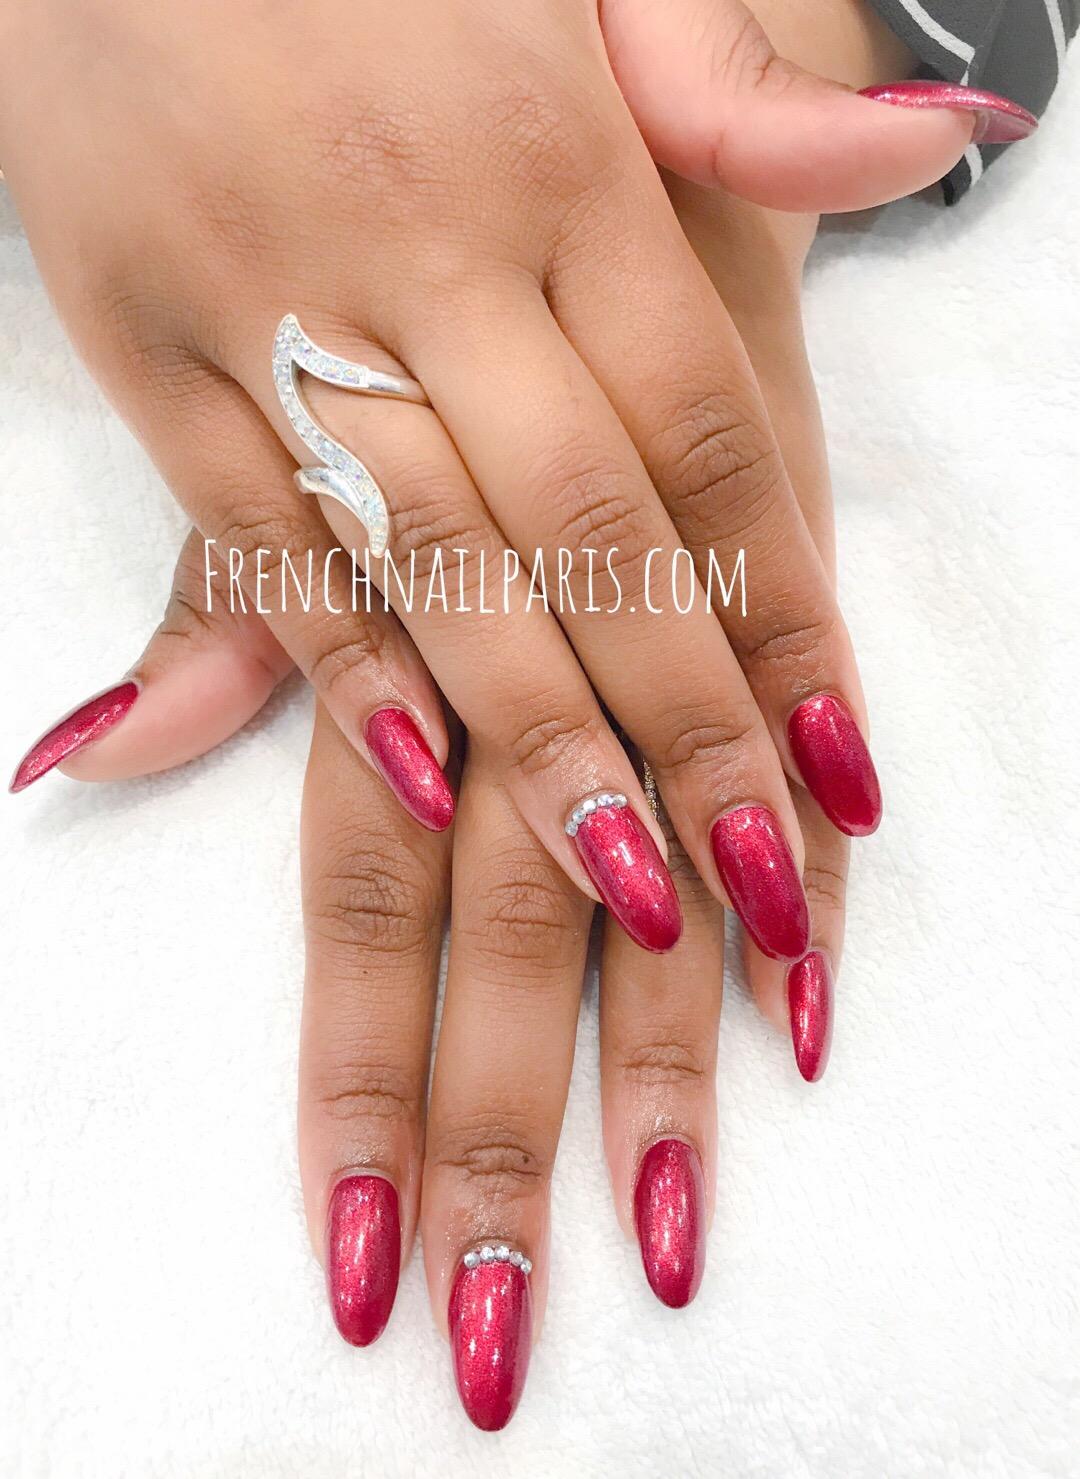 Laissez-vous tenter par un remplissage en résine redonnant netteté à vos mains associé à un sublime vernis classique apportant brillance à vos ongles !